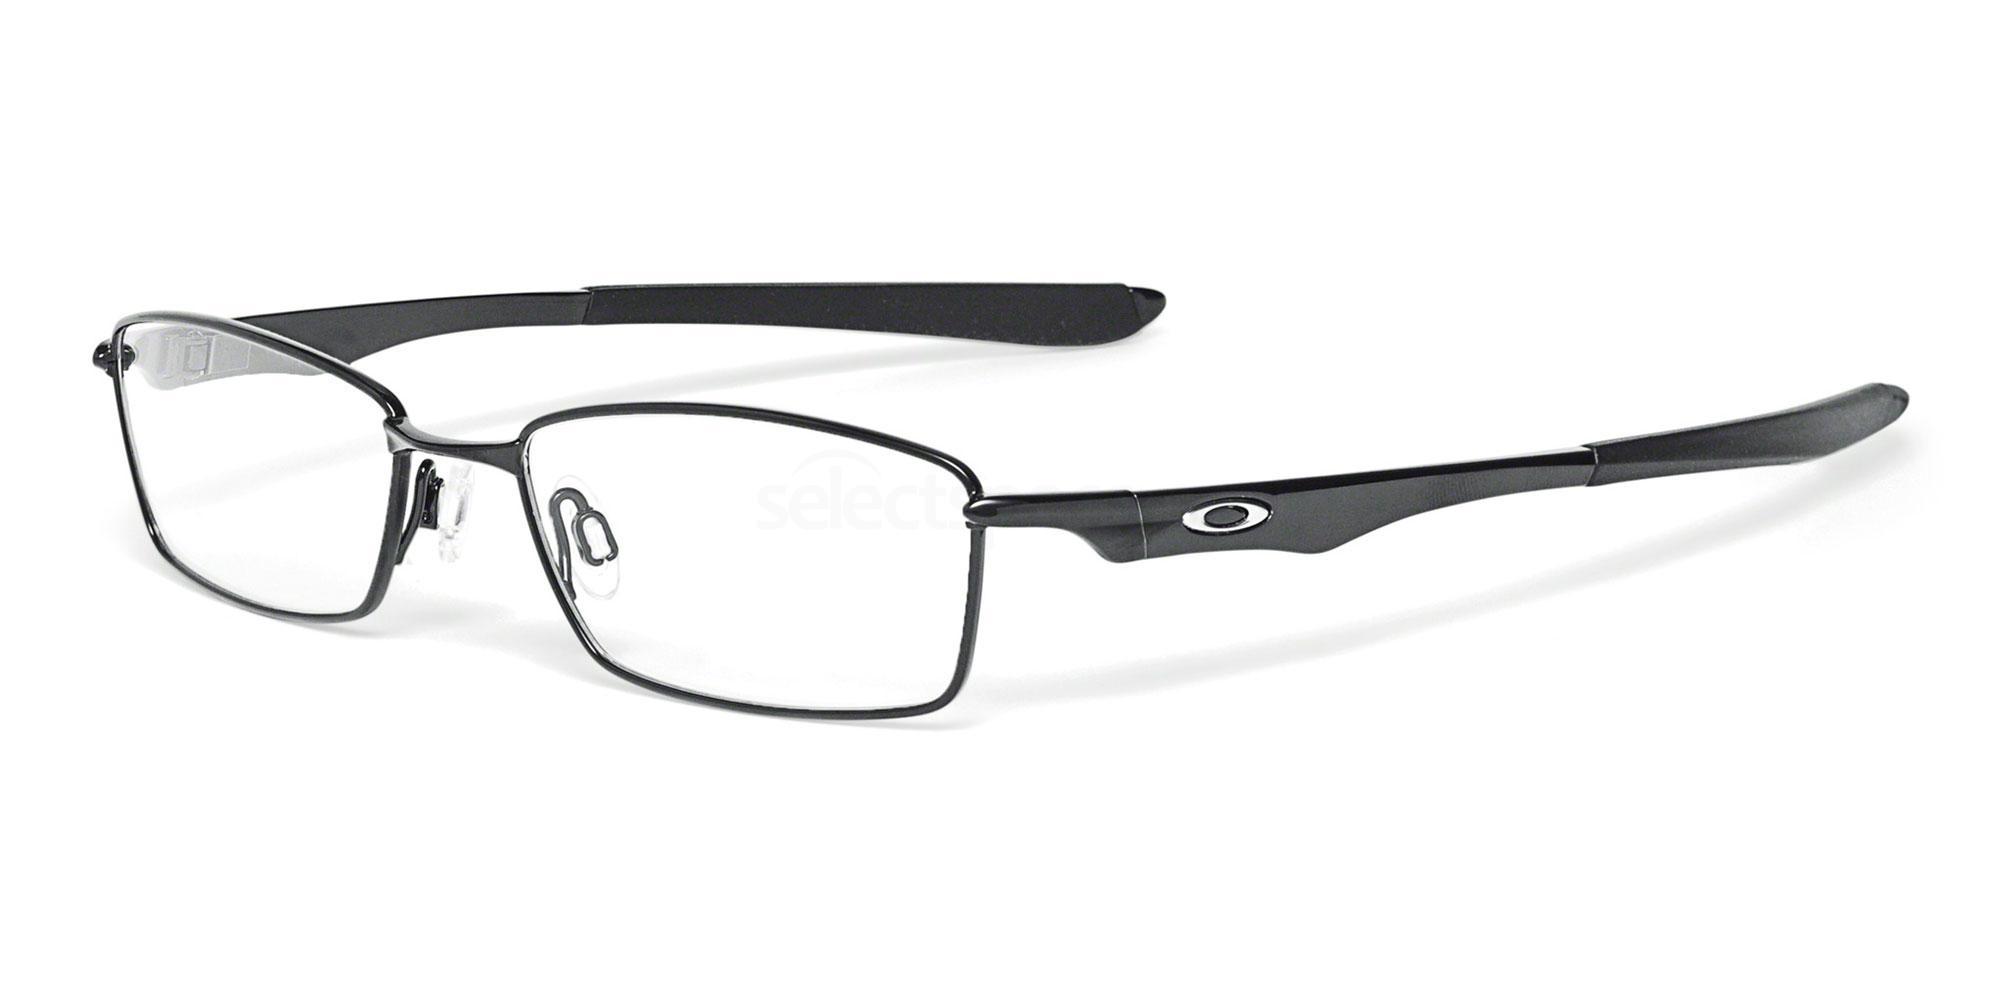 5d5357bea18b7 Oakley OX5040 WINGSPAN glasses